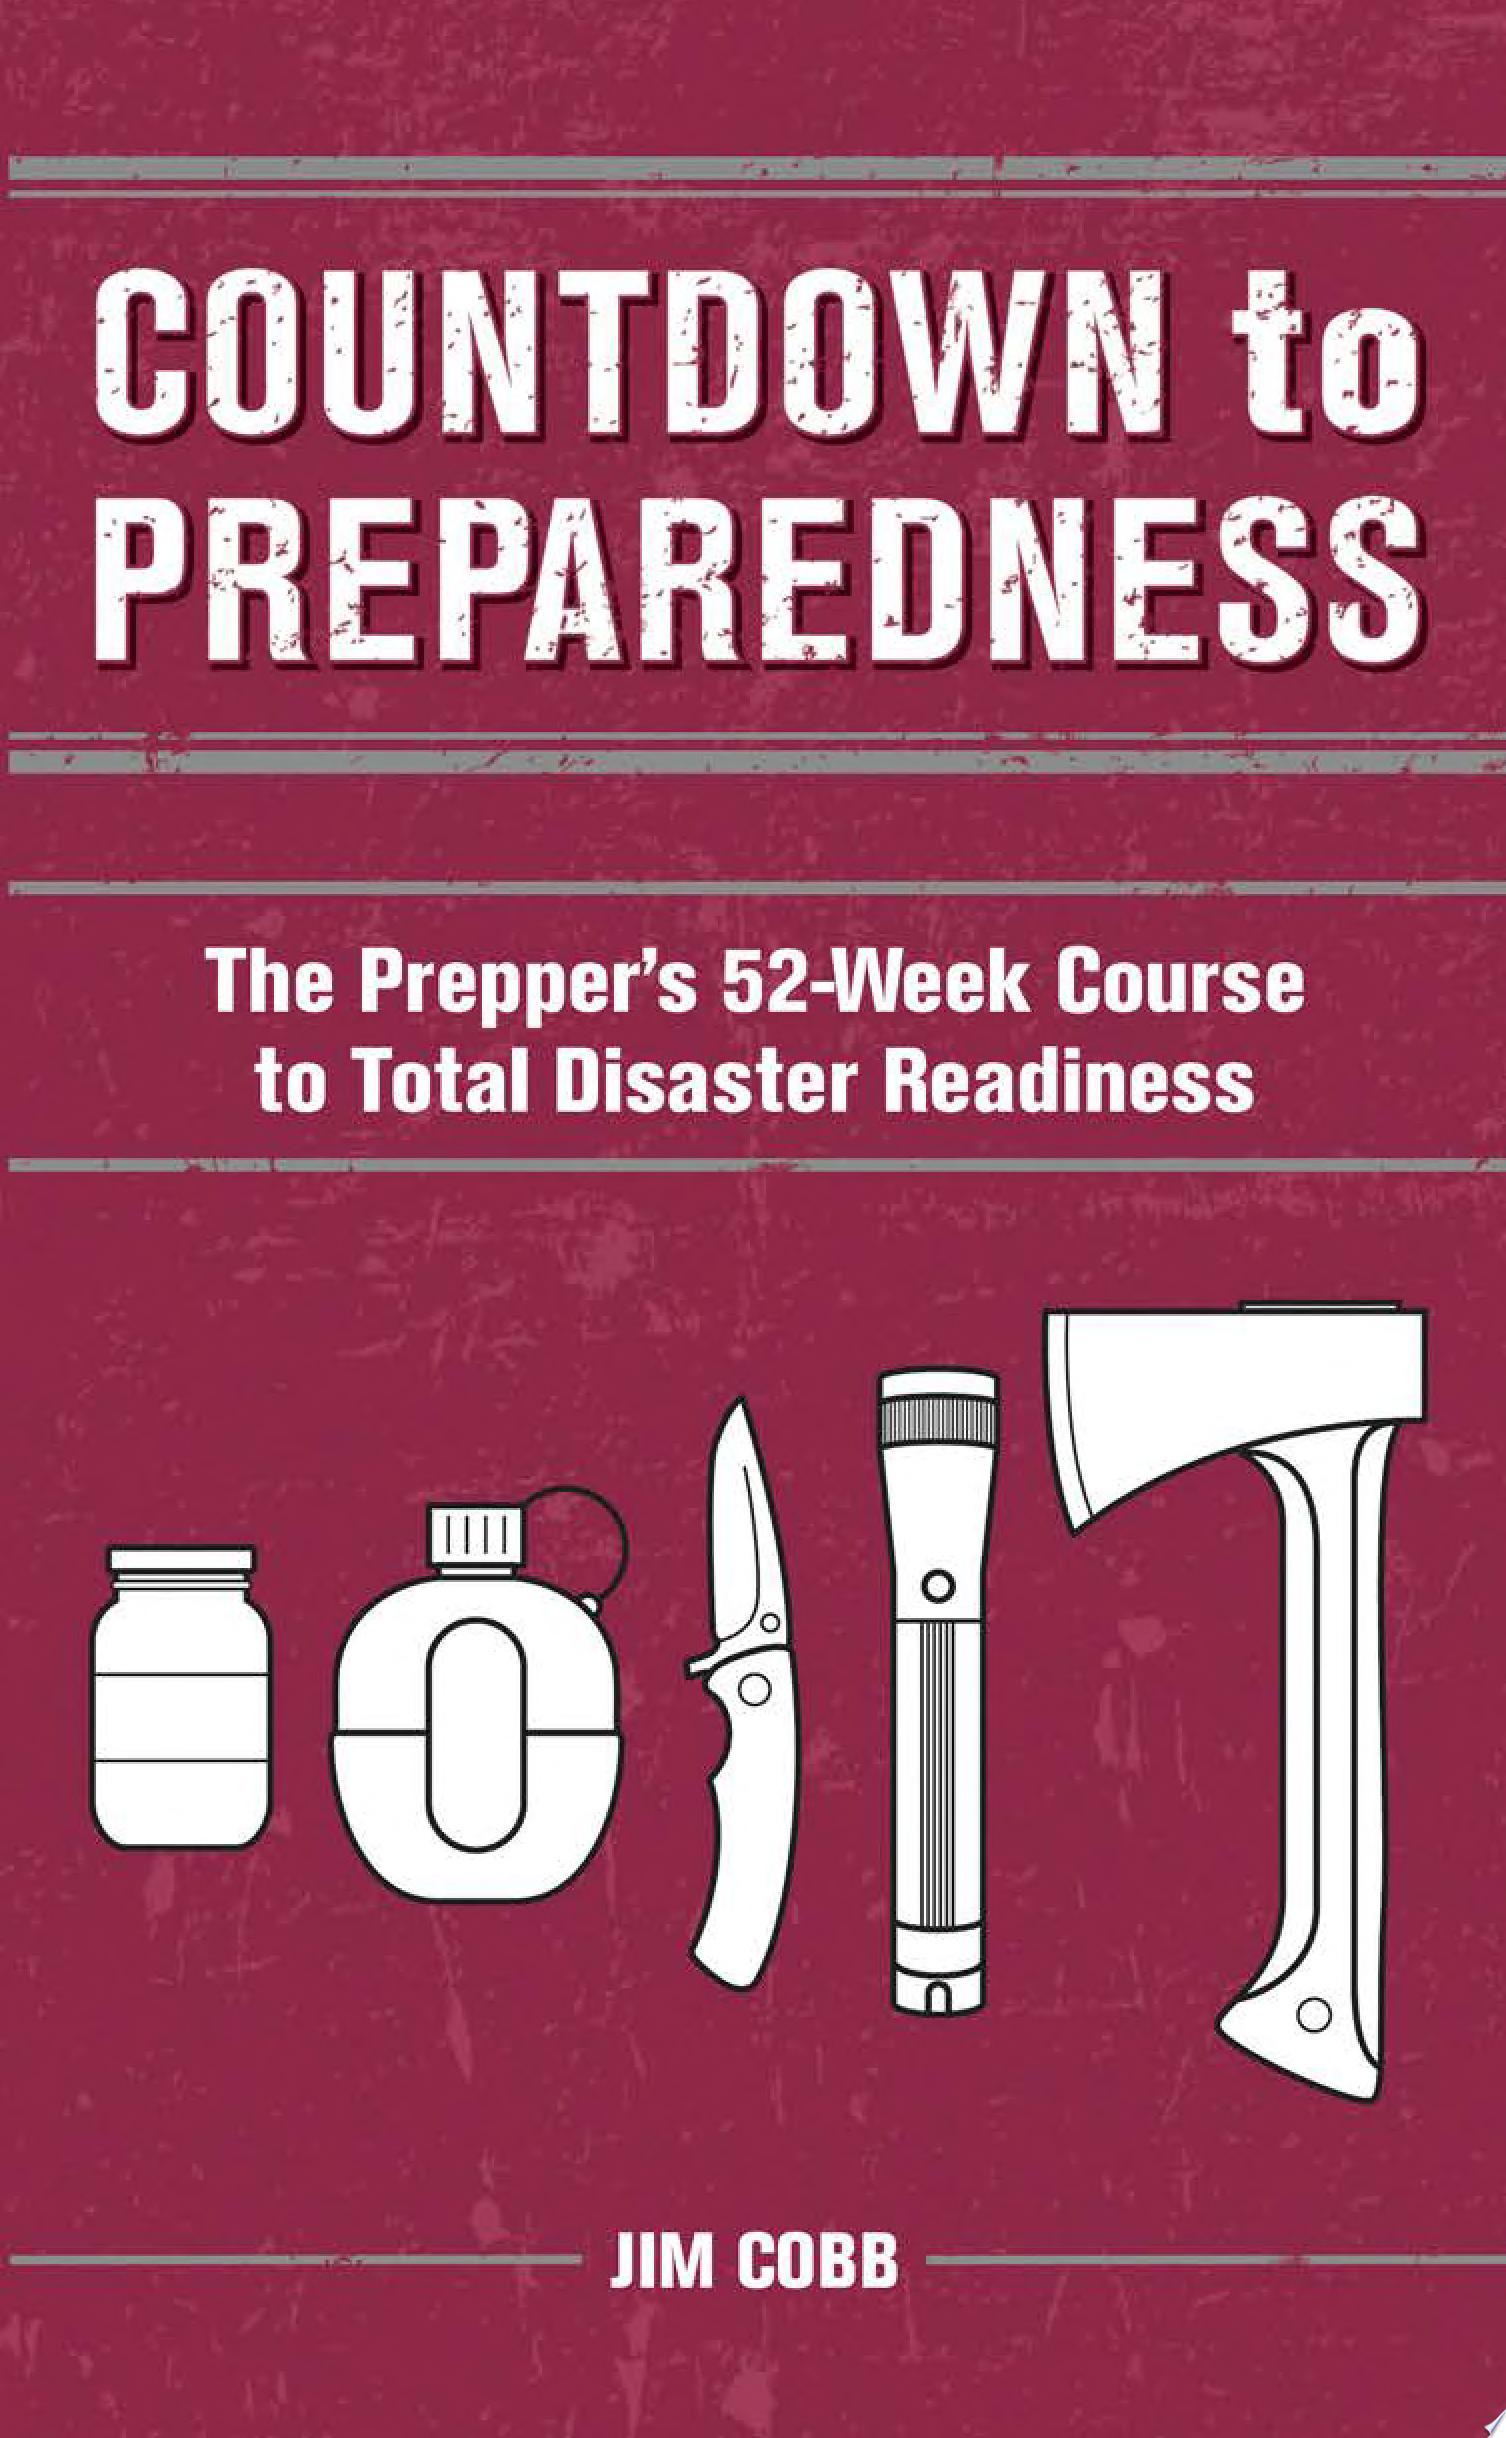 Countdown to Preparedness